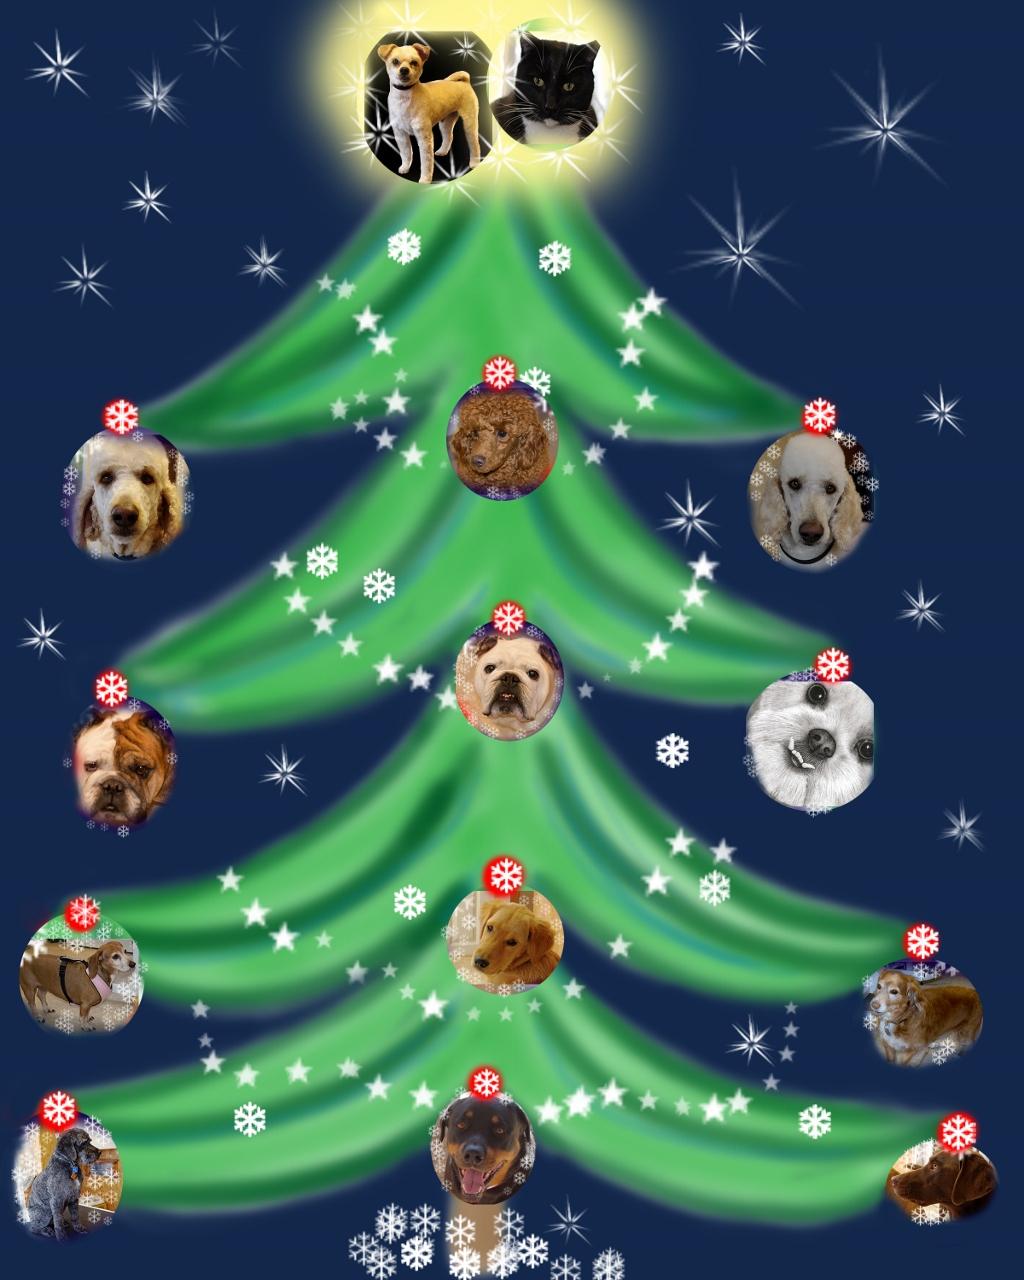 canine xmas tree (1024x1280)